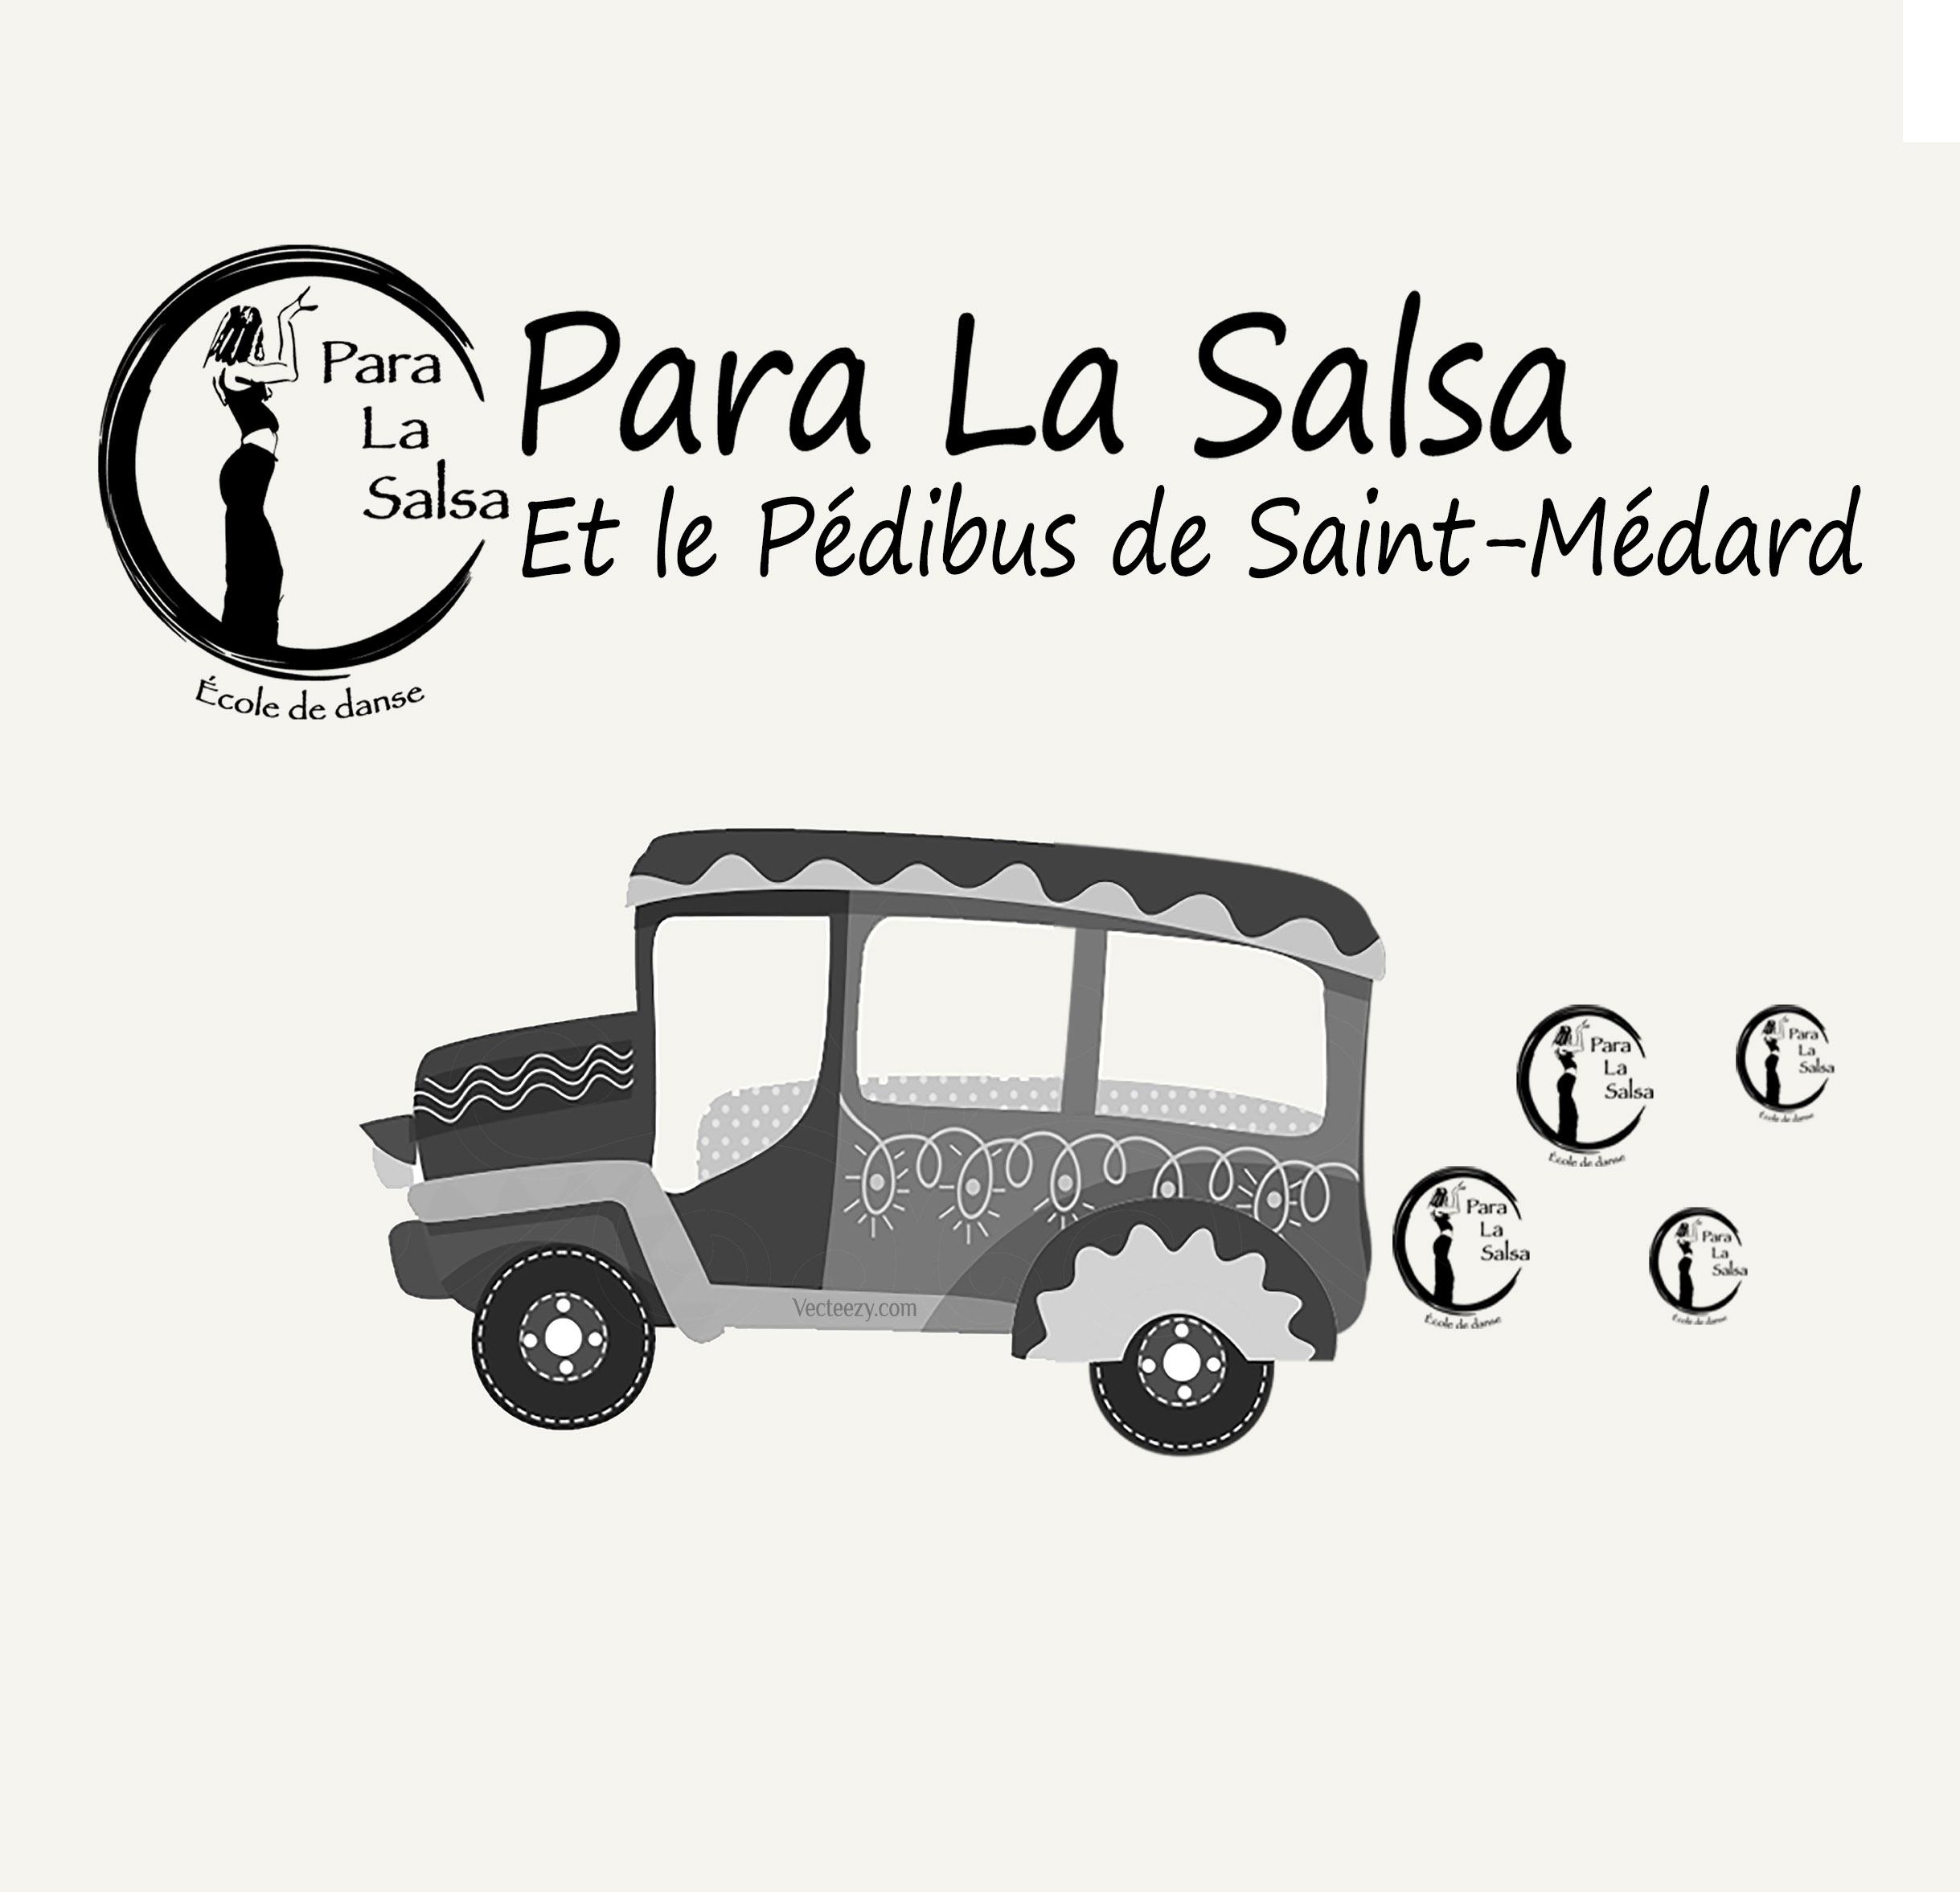 Para La Salsa & la Maison des Jeunes de St Médard